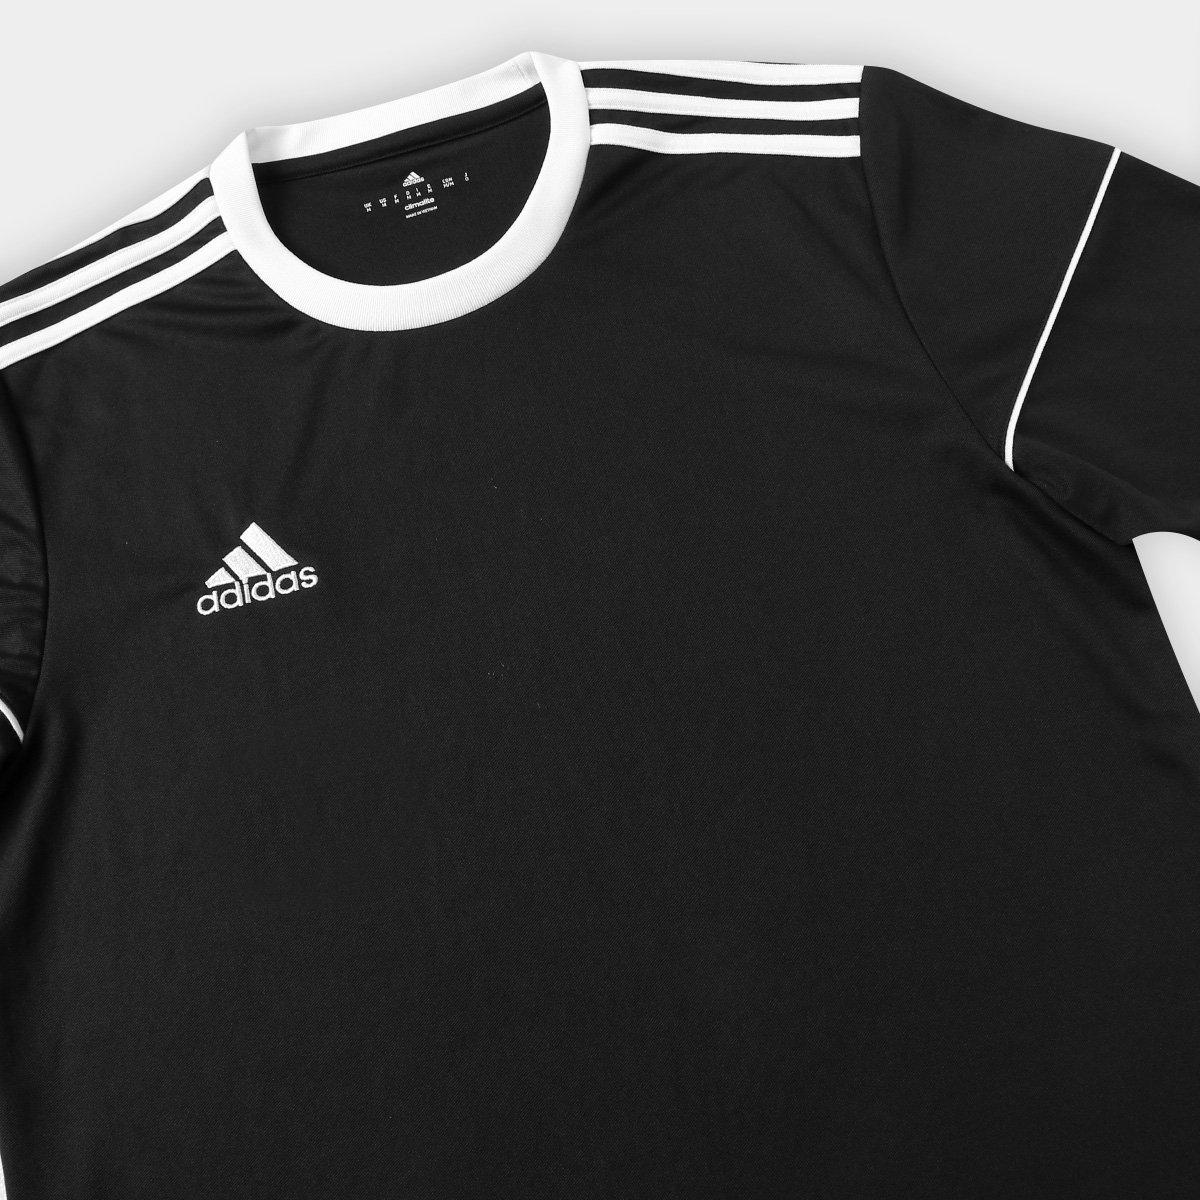 6ea56d7d51 Camisa Adidas Squadra 17 Masculina - Preto - Compre Agora